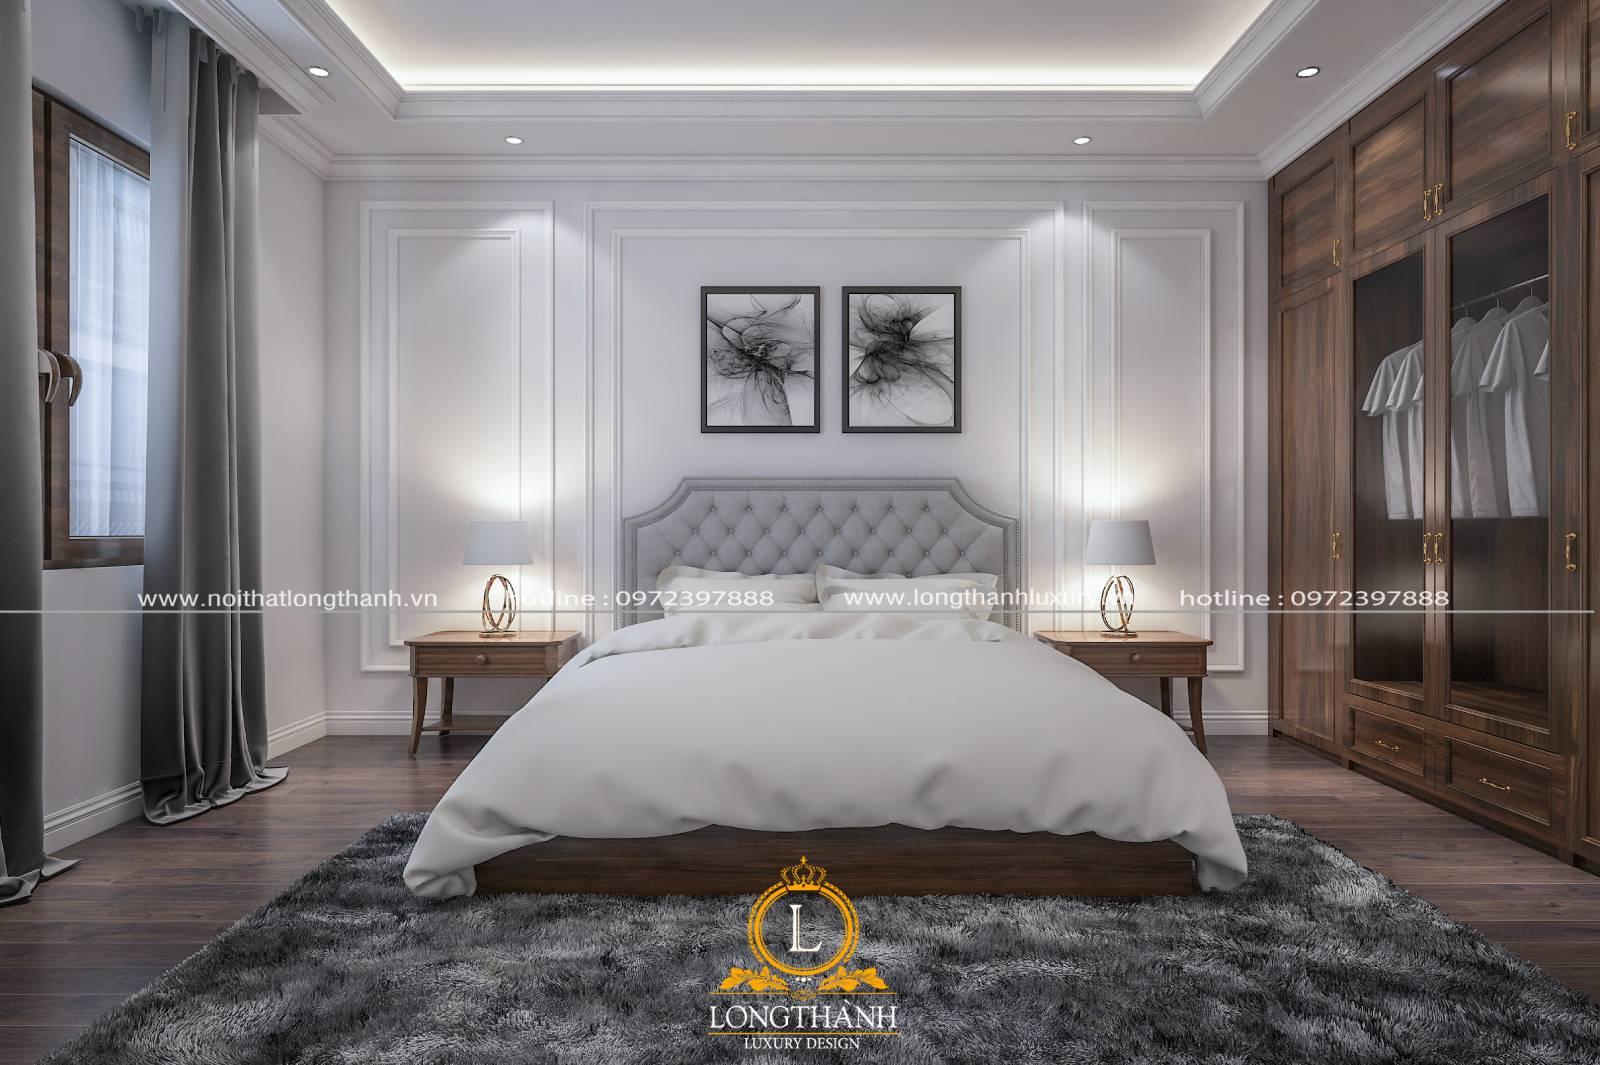 Phòng ngủ khách sạn tân cổ điển sử dụng tone màu trắng làm chủ đạo